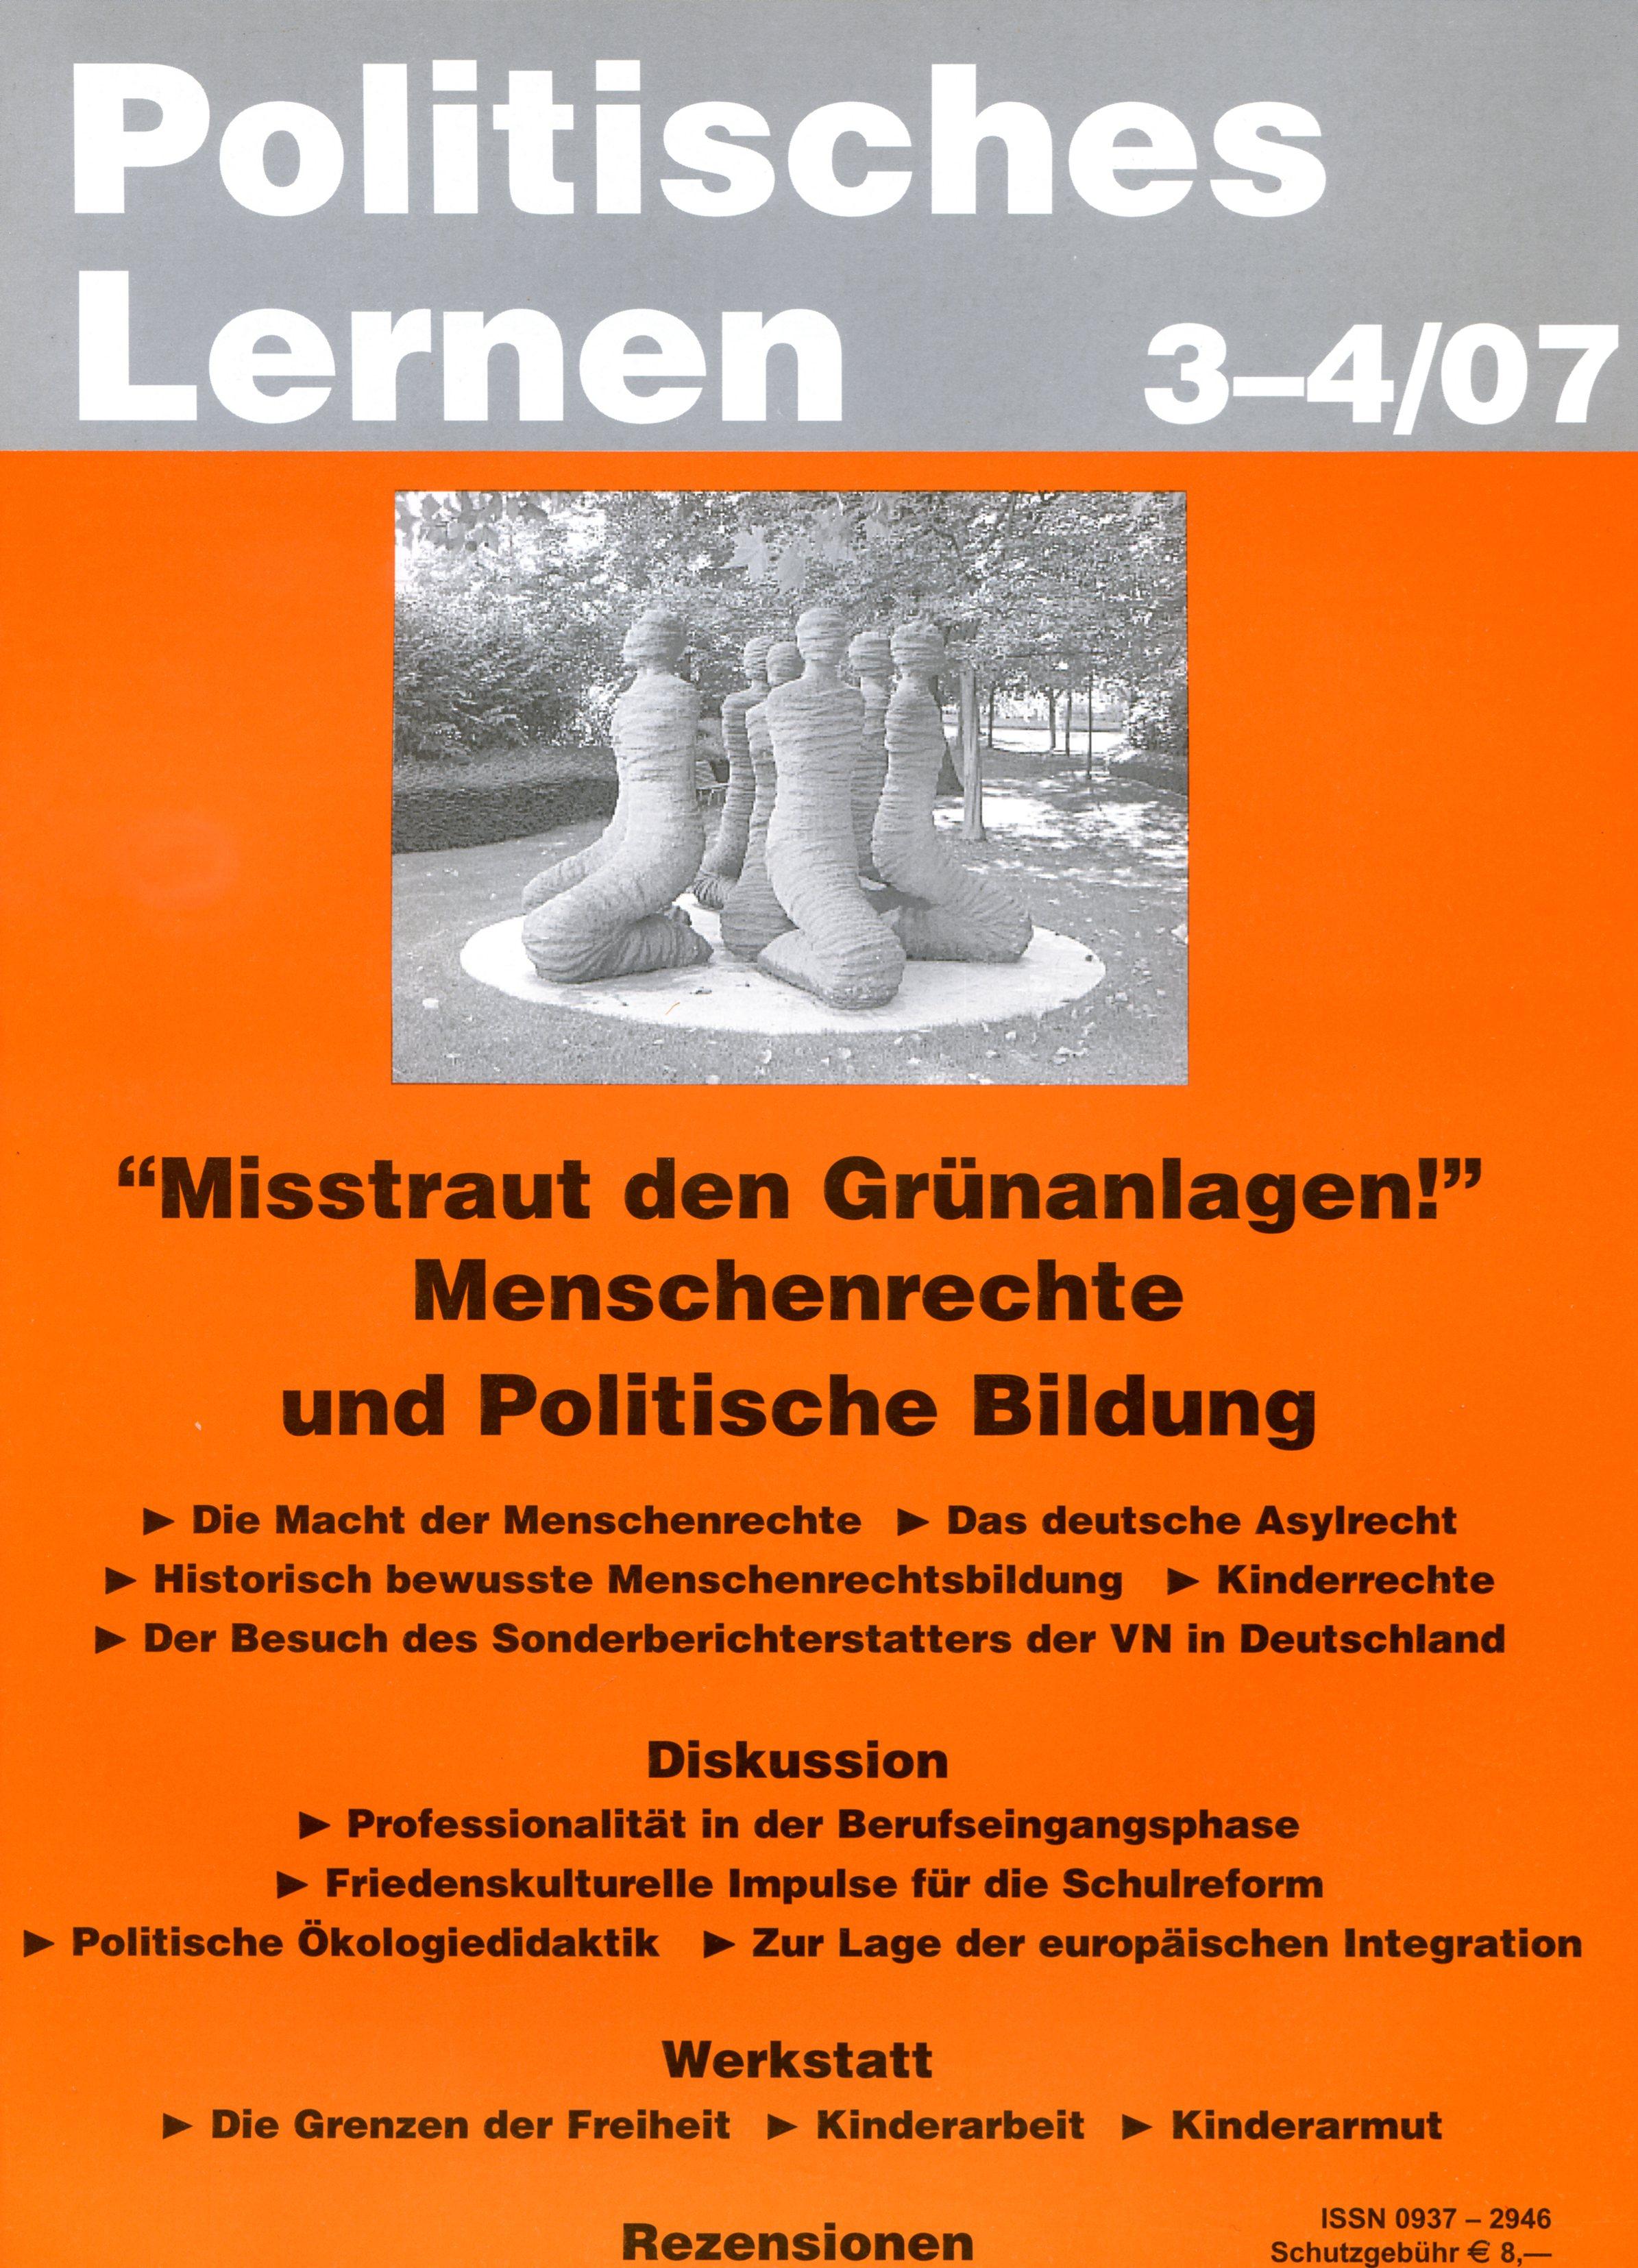 Politisches Lernen 3-4/07